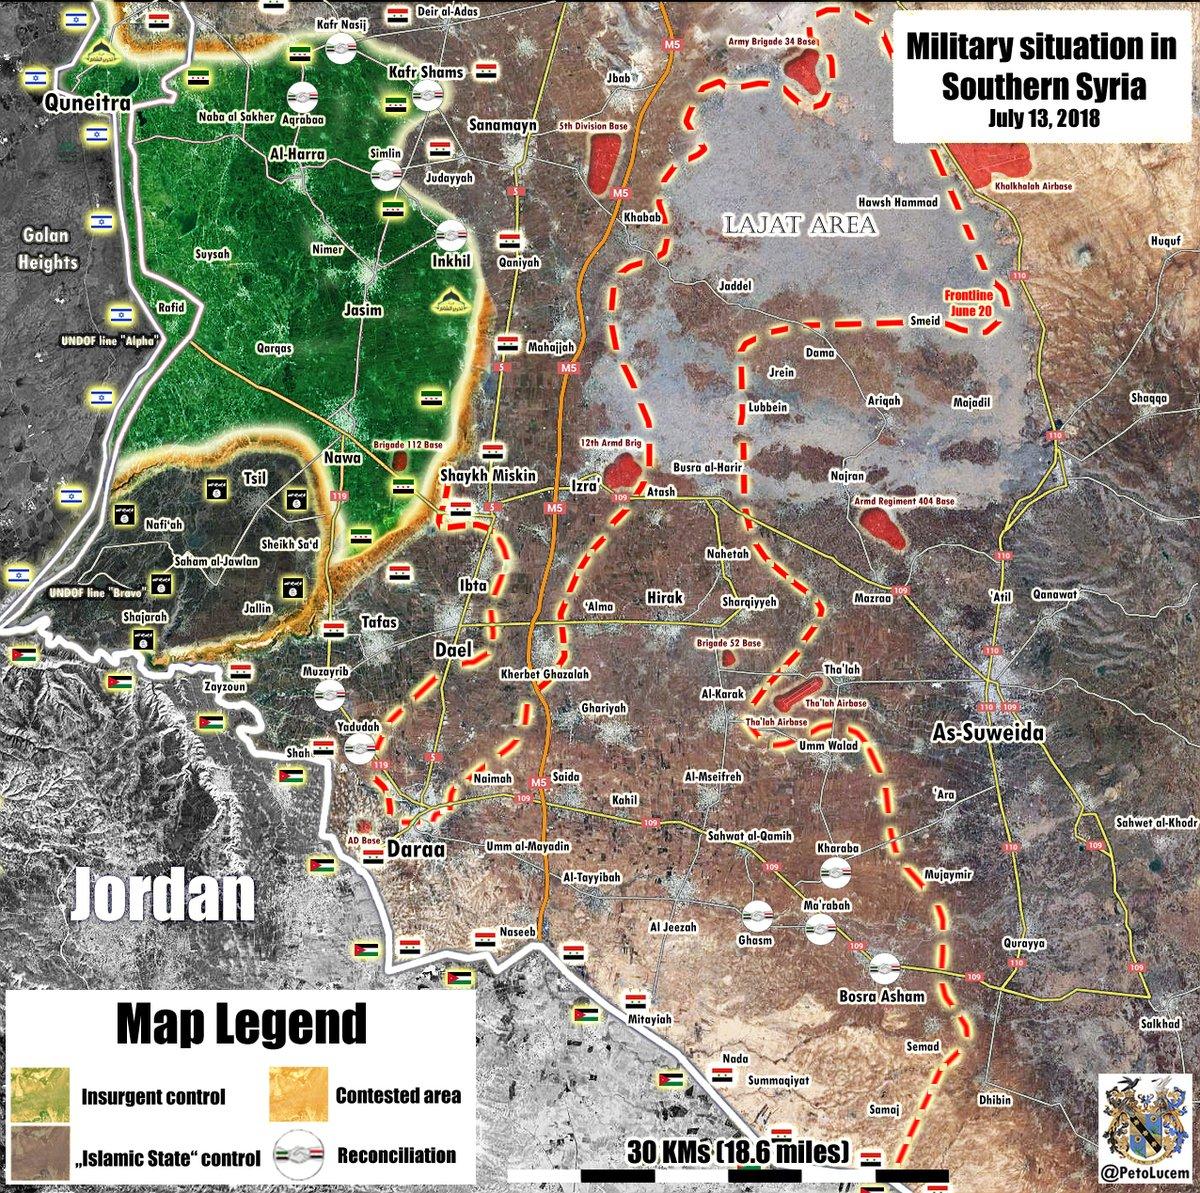 Sýrske Vojenské Obnoví Sa Jej Vopred V Západnej Daraa (Mapa)